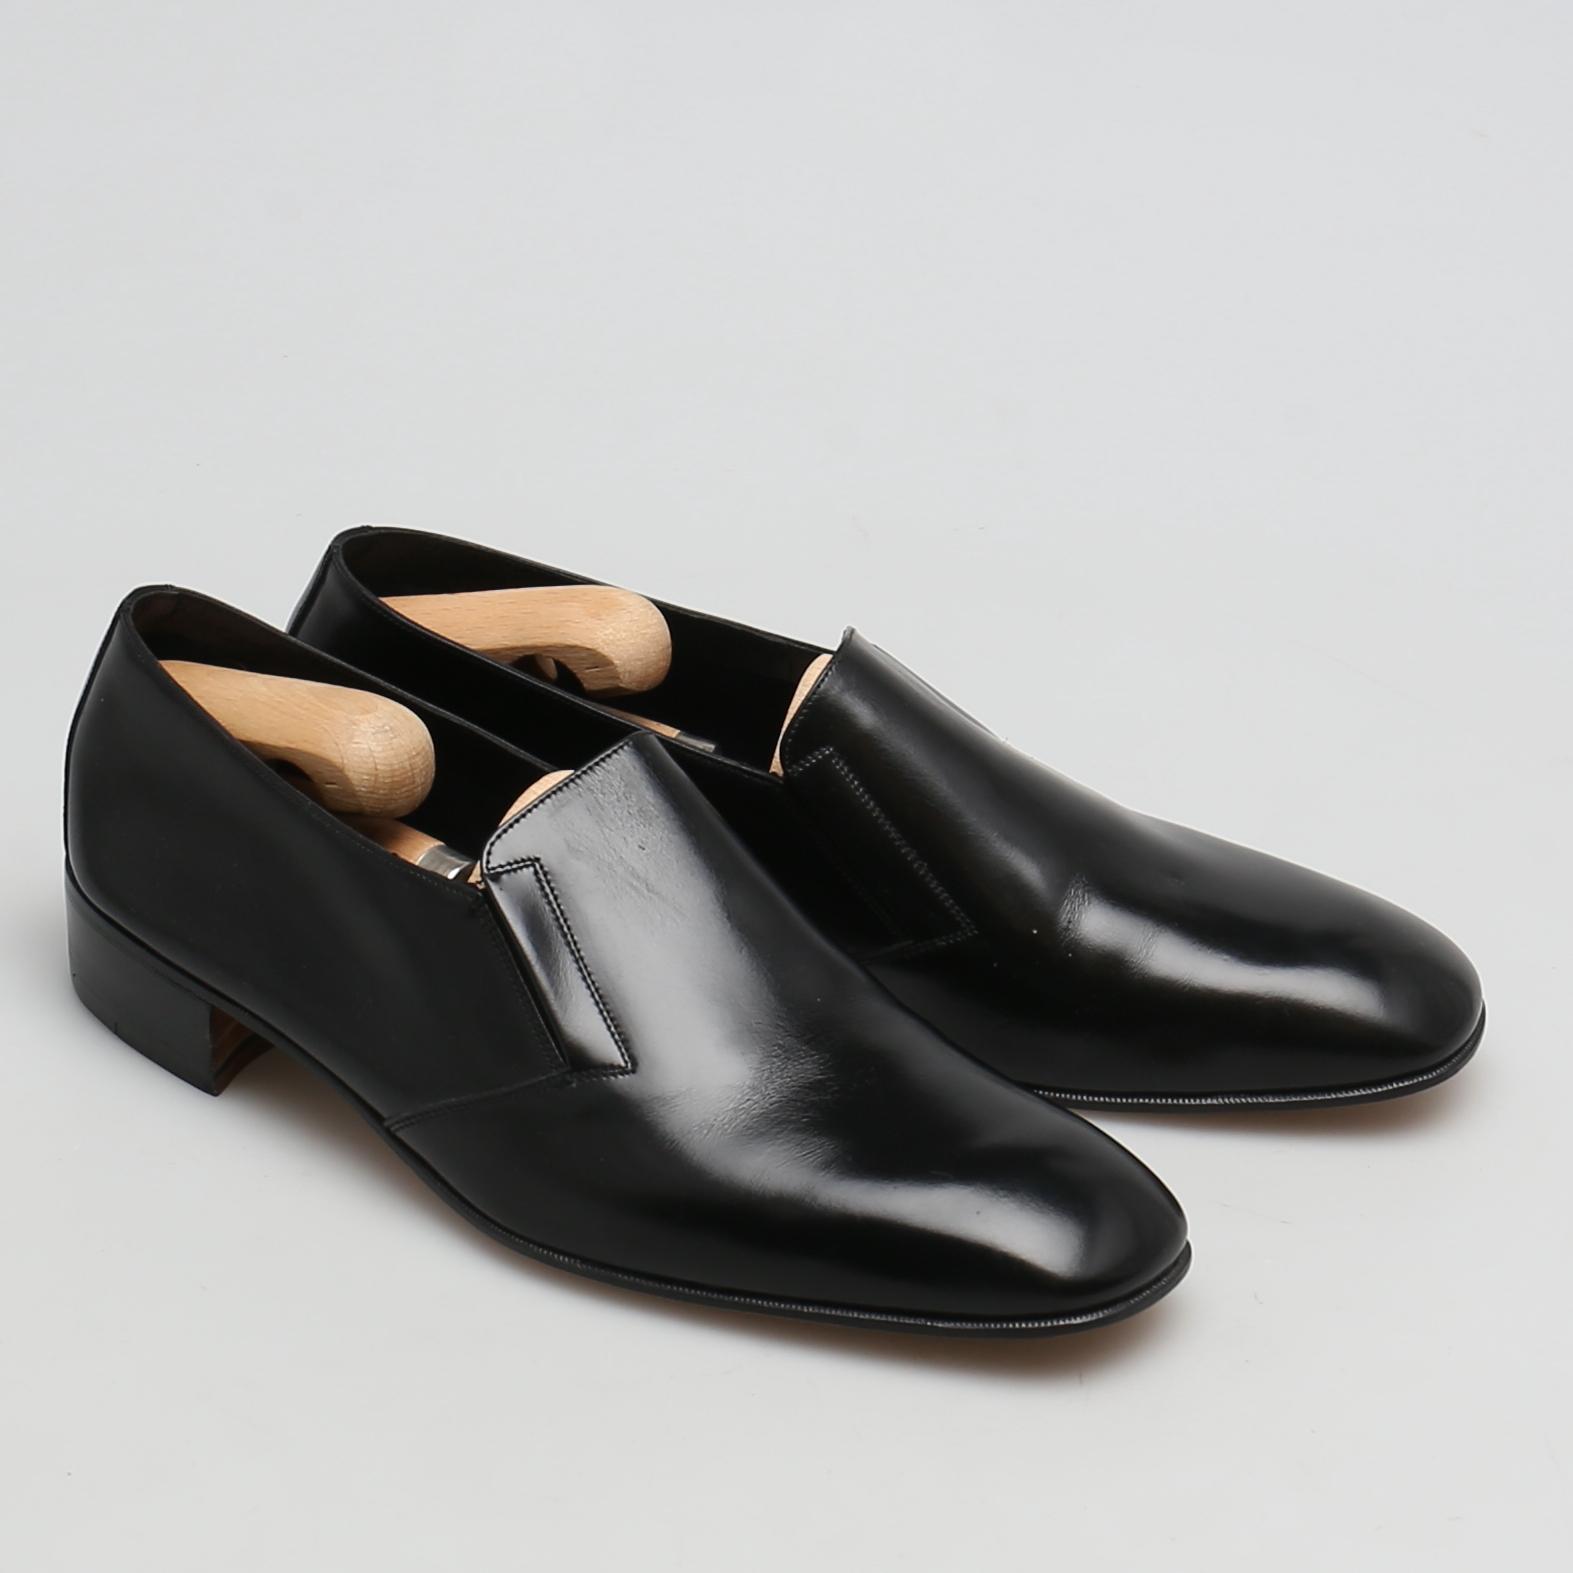 lackskor herr skor